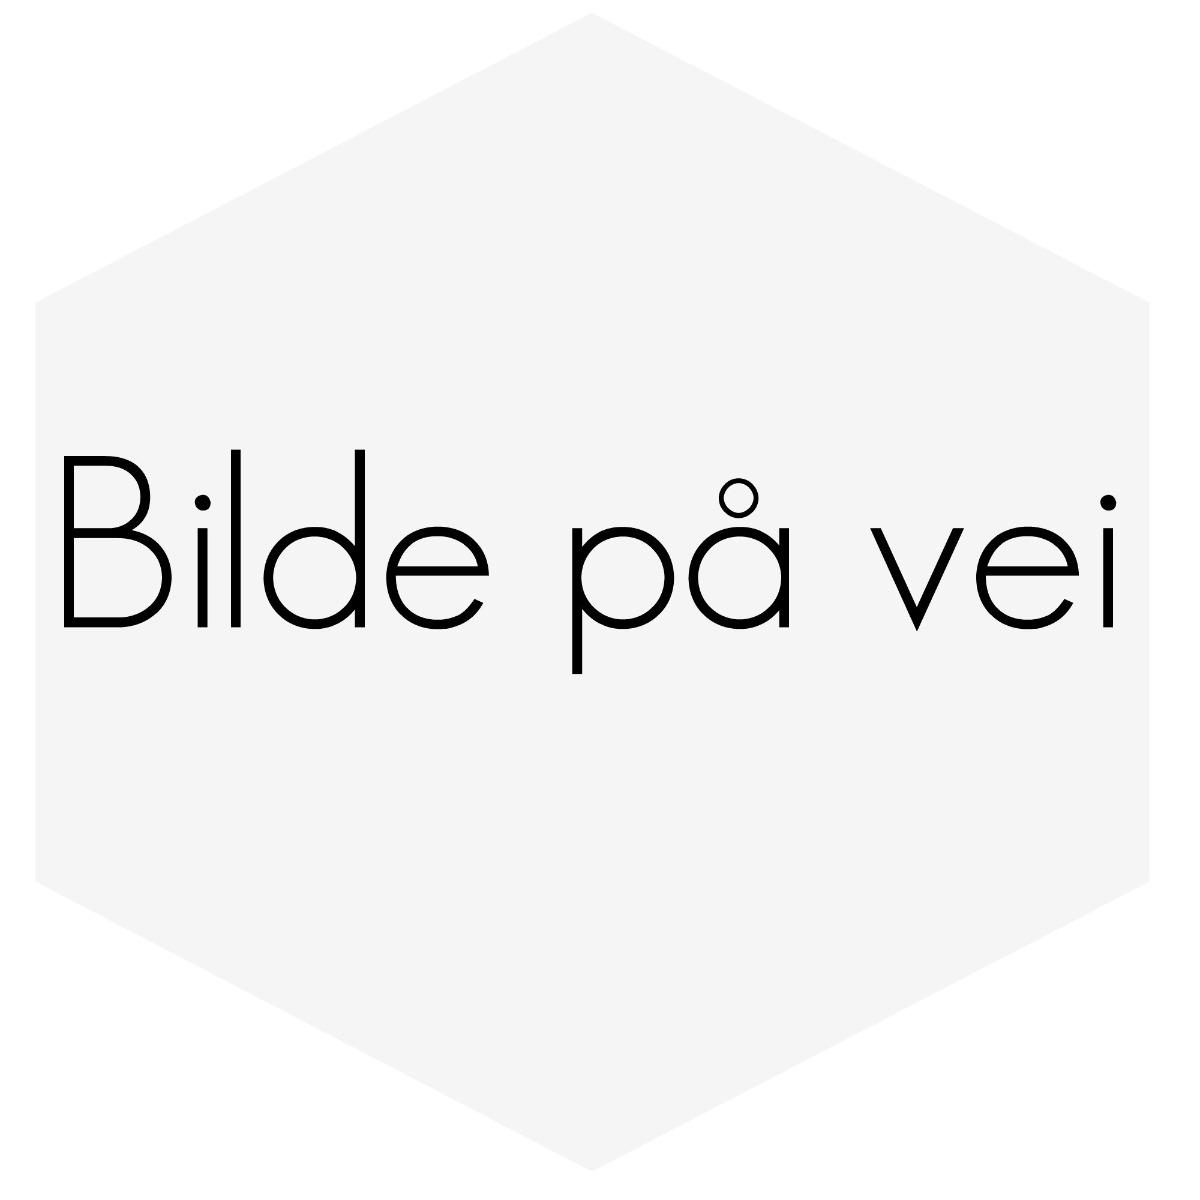 PAKNING I KOBBER FOR HØYE TRYKK EKSOS 4SYL 8V MOTORER